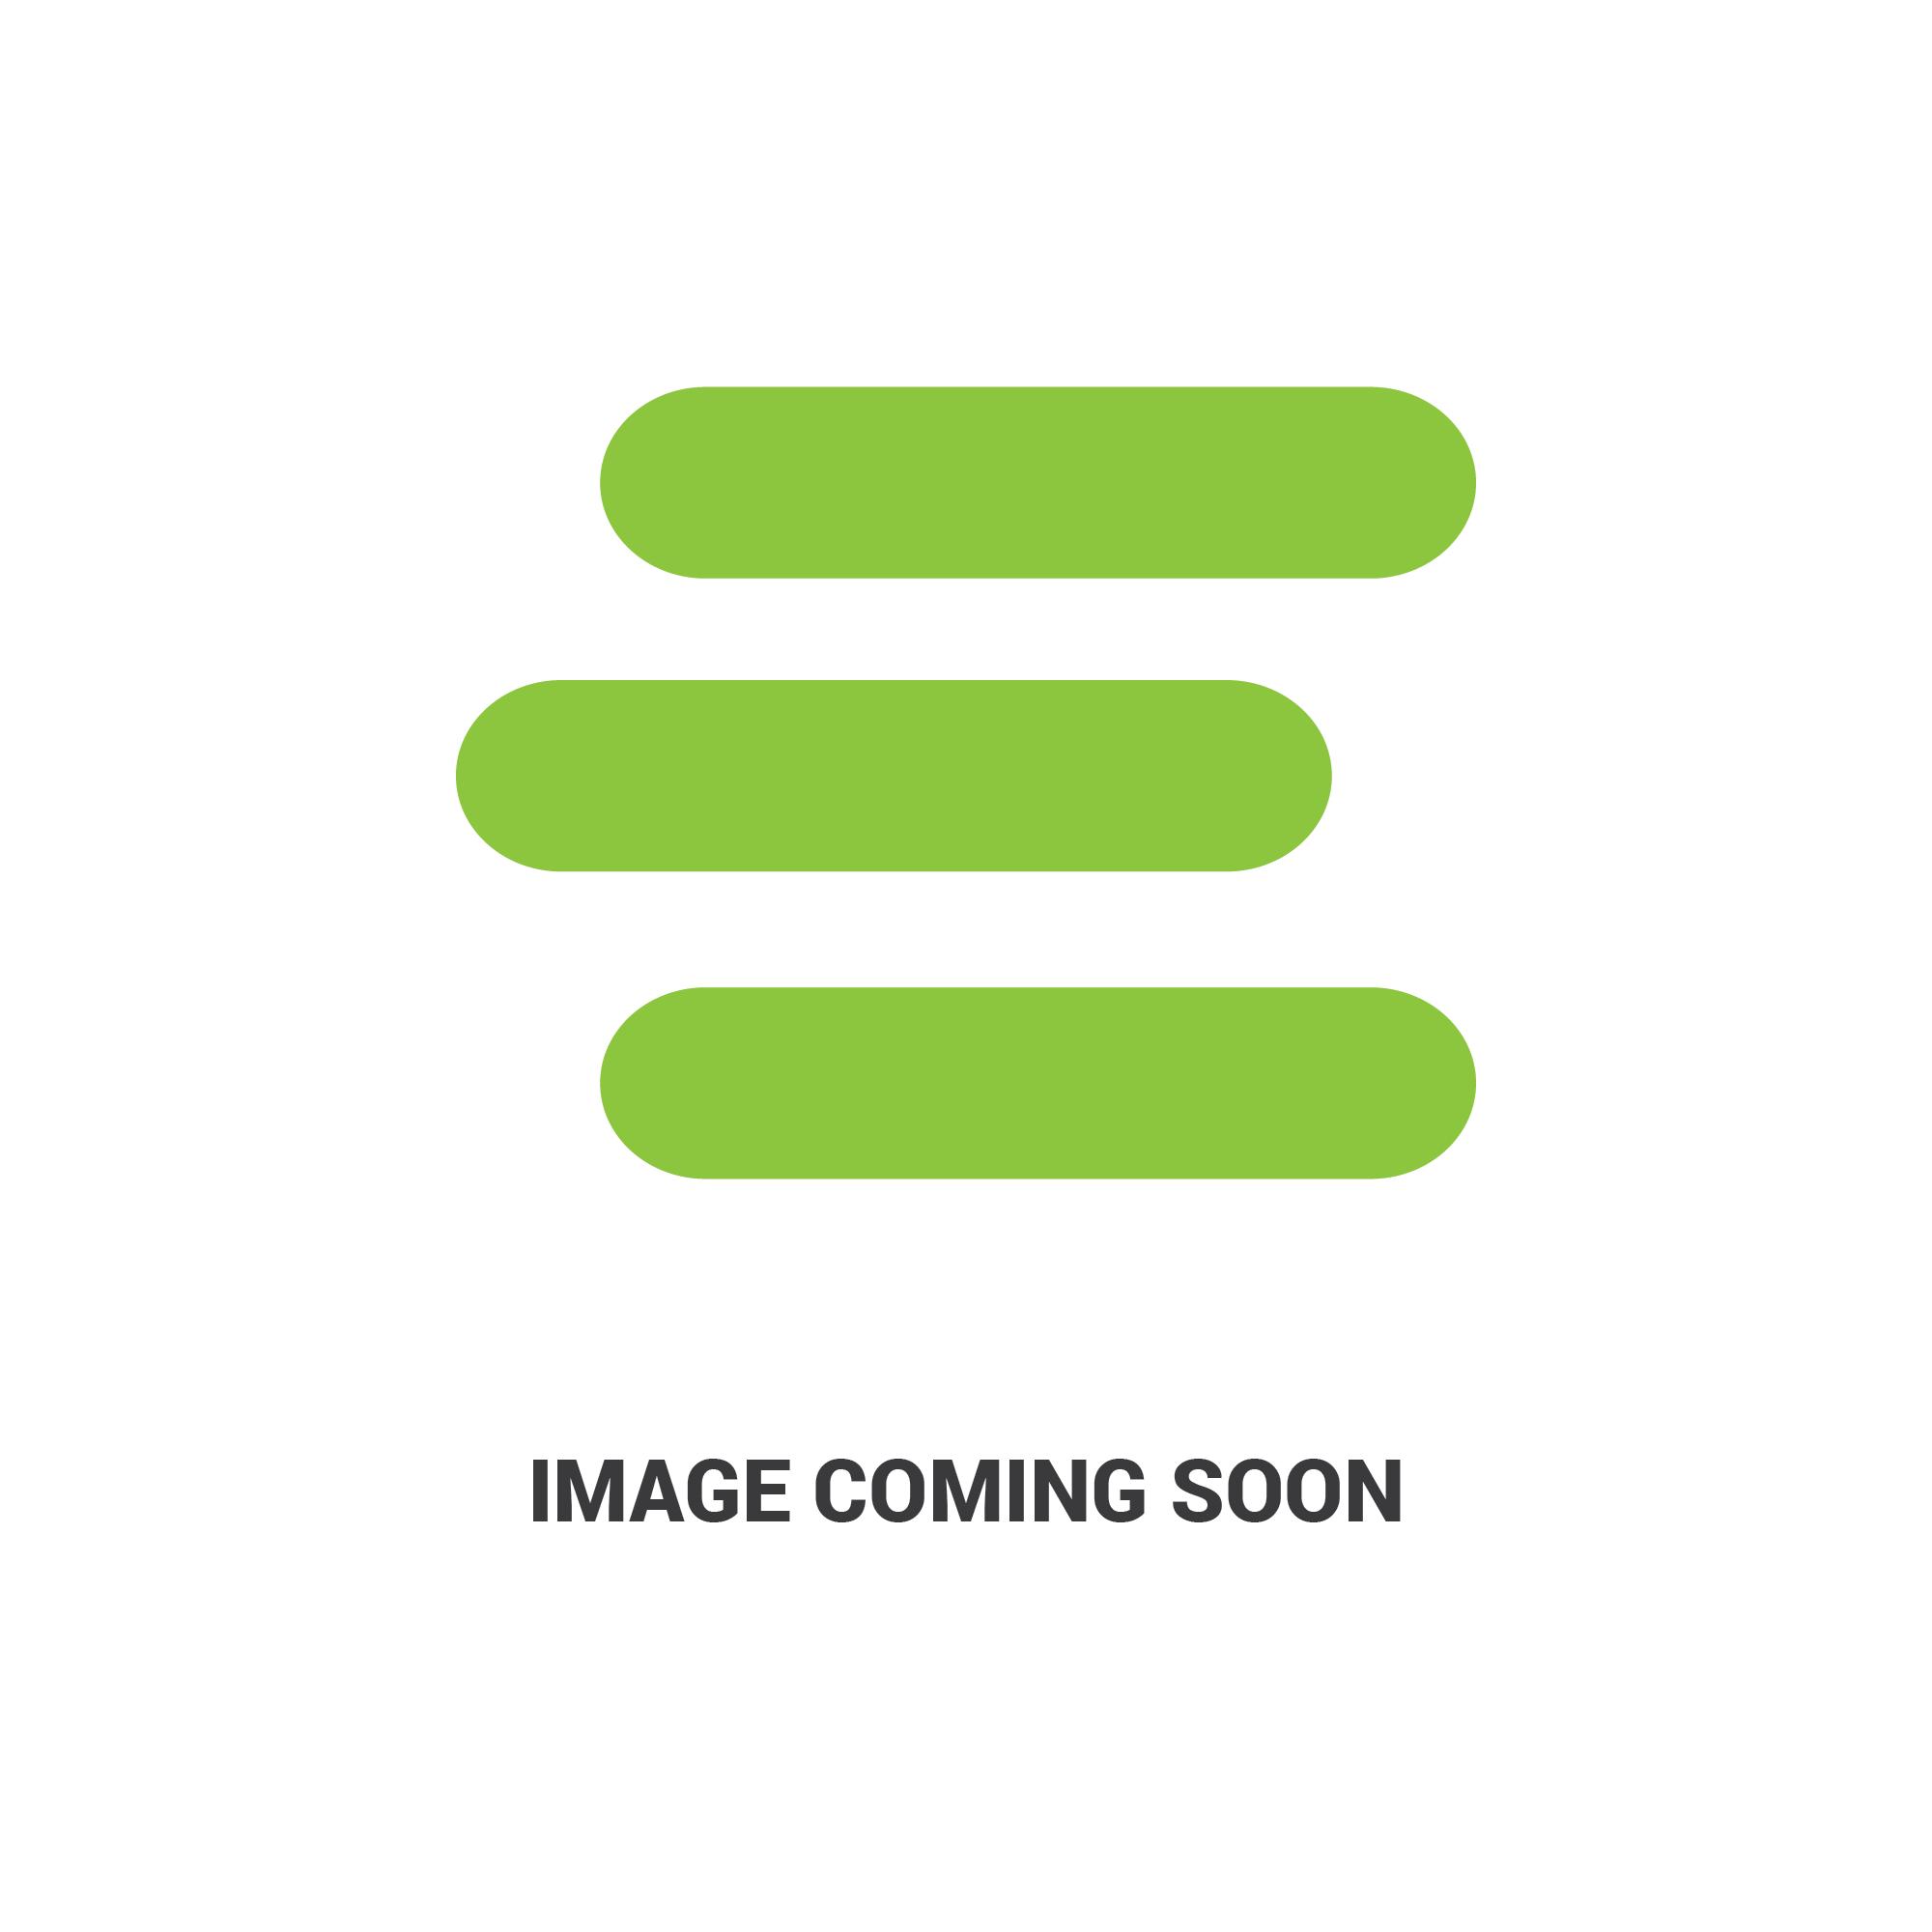 E-6C340-97910edit 254.jpg